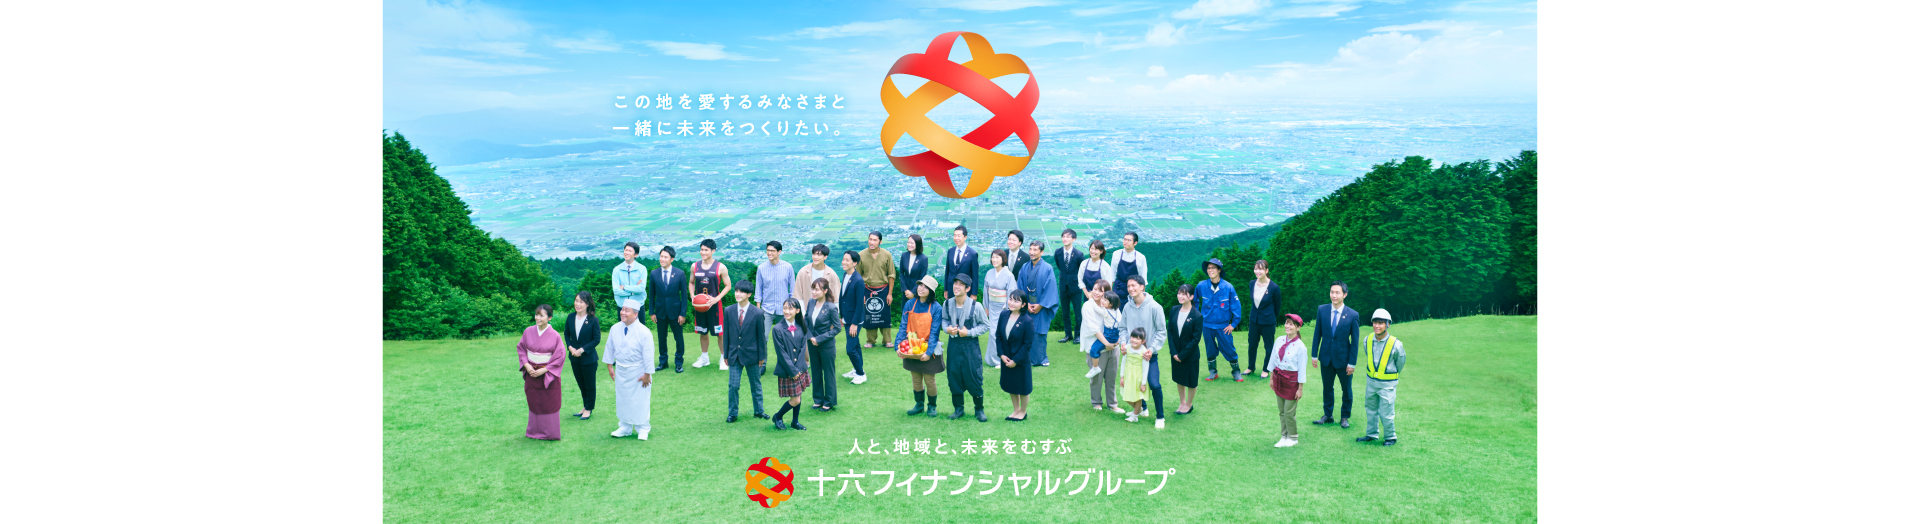 十六フィナンシャルグループ